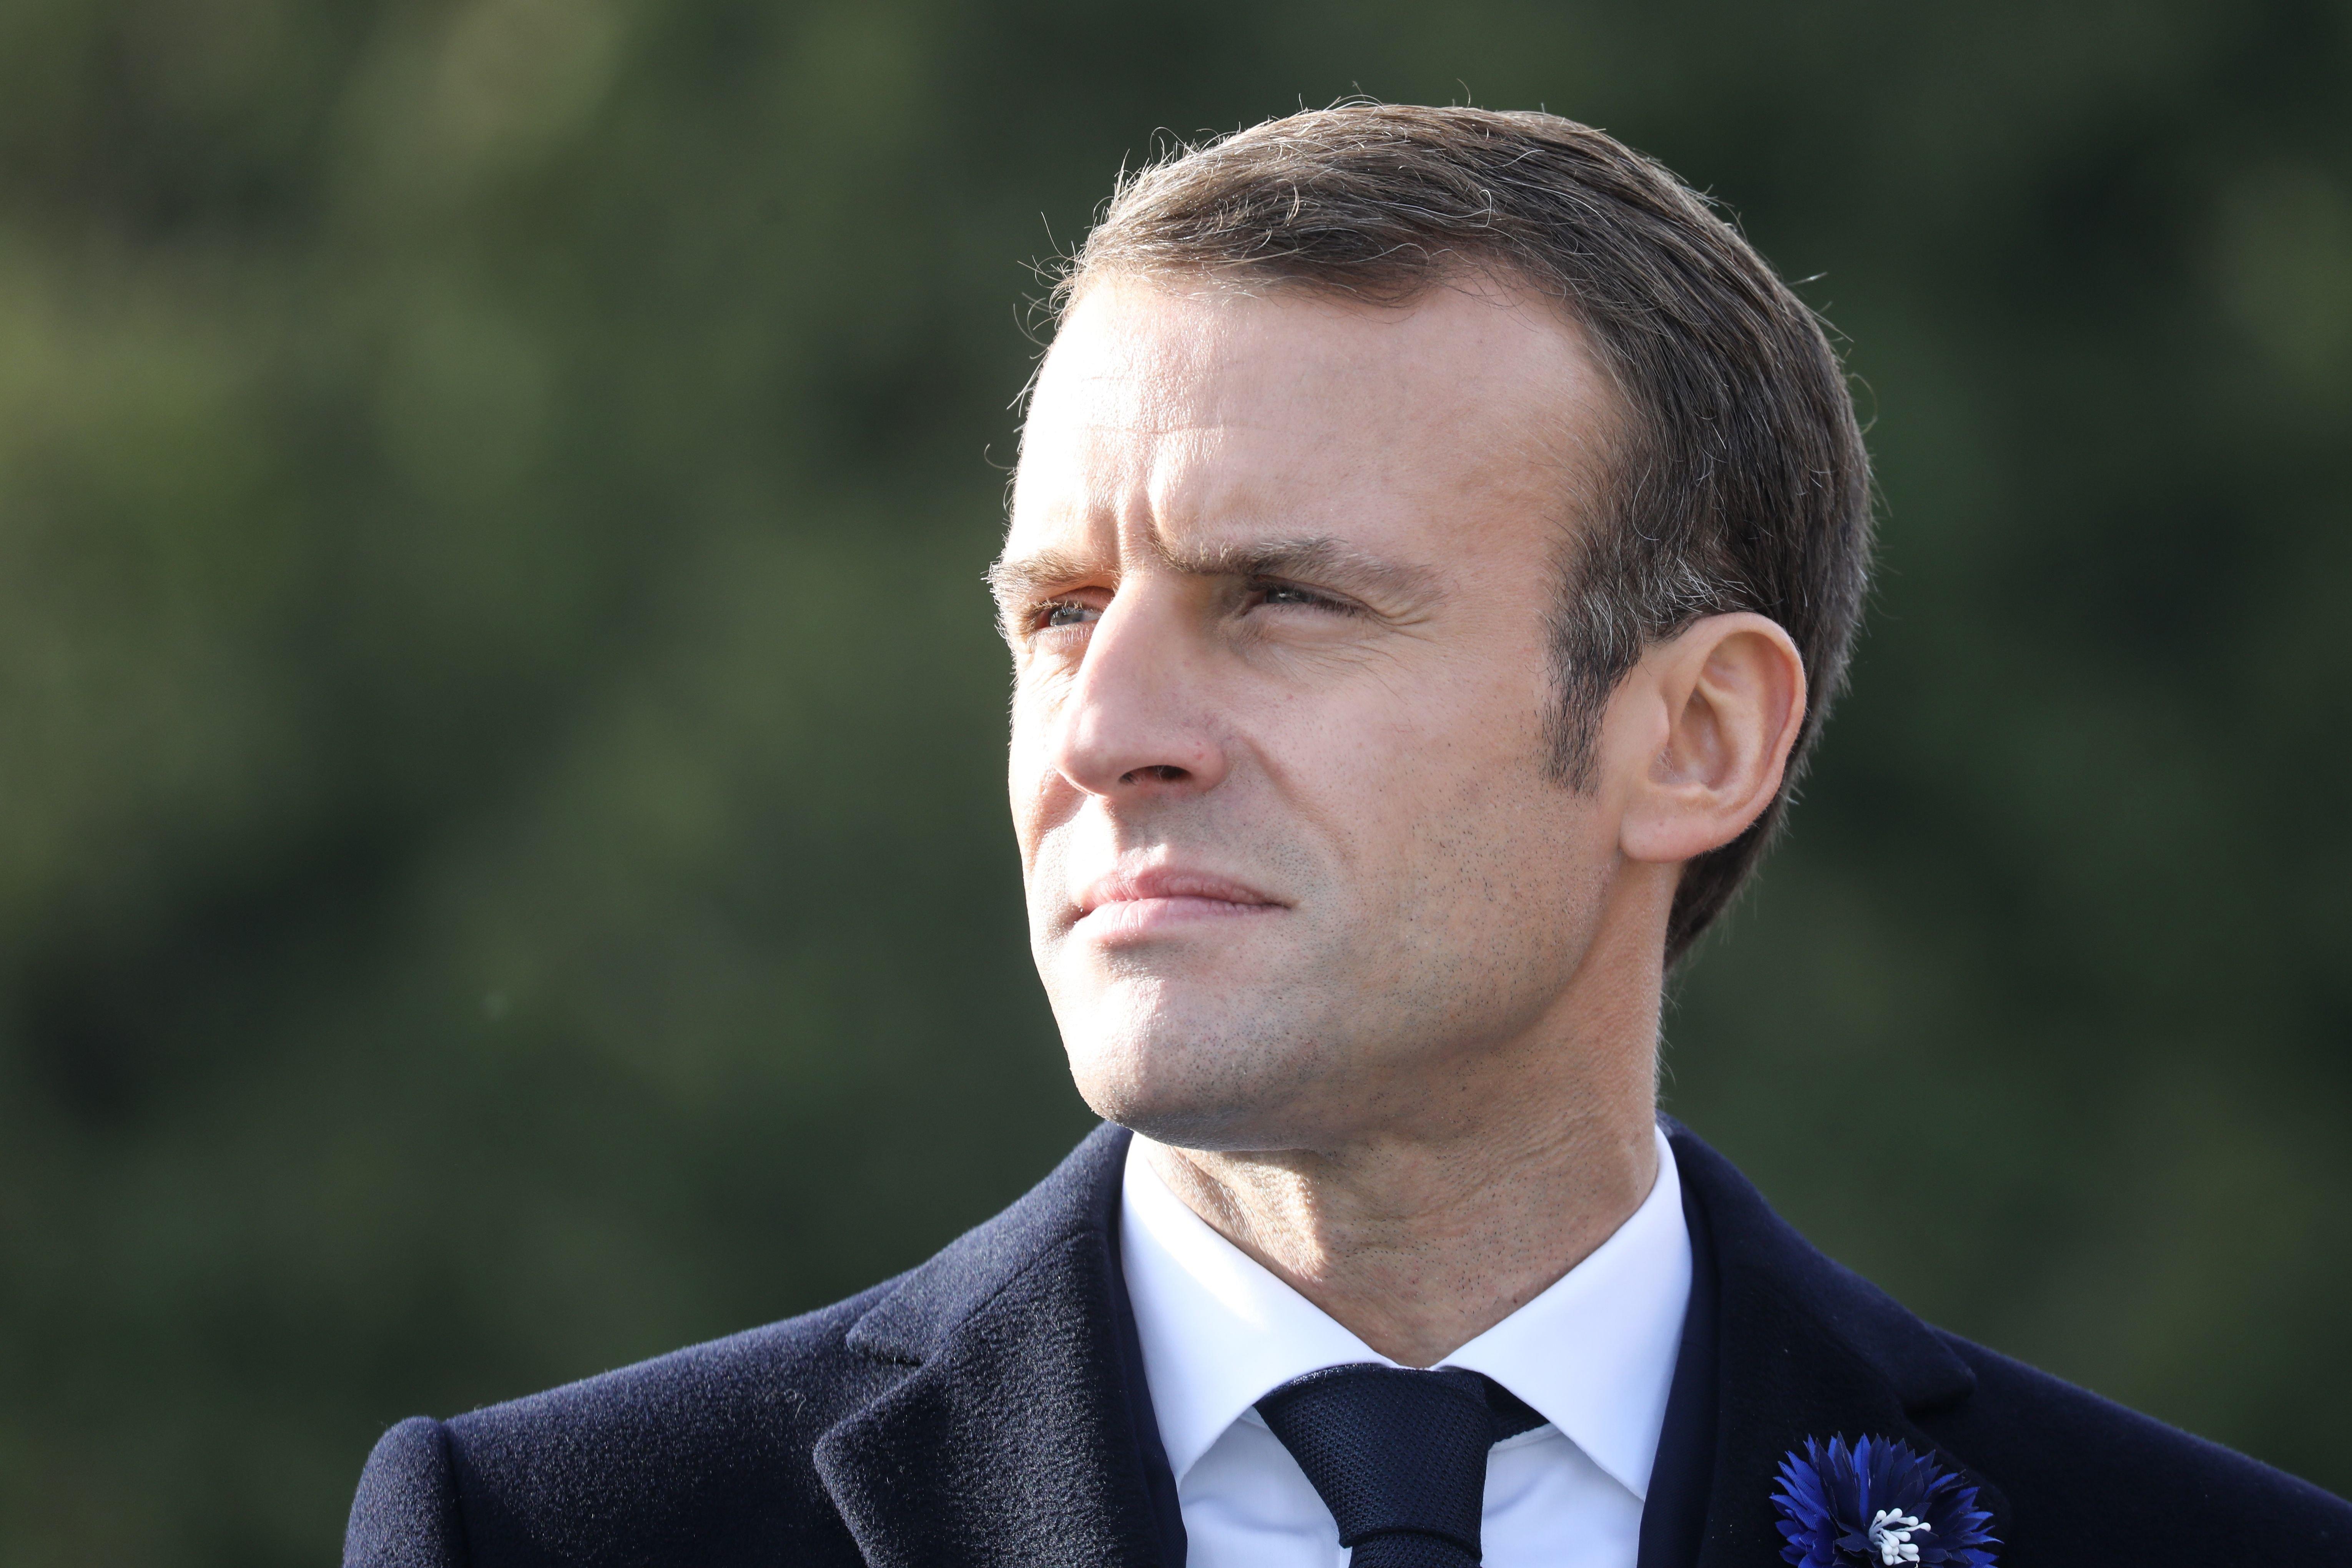 Frankreich: Mutmaßliche Anschlagspläne gegen Macron - sechs Festnahmen